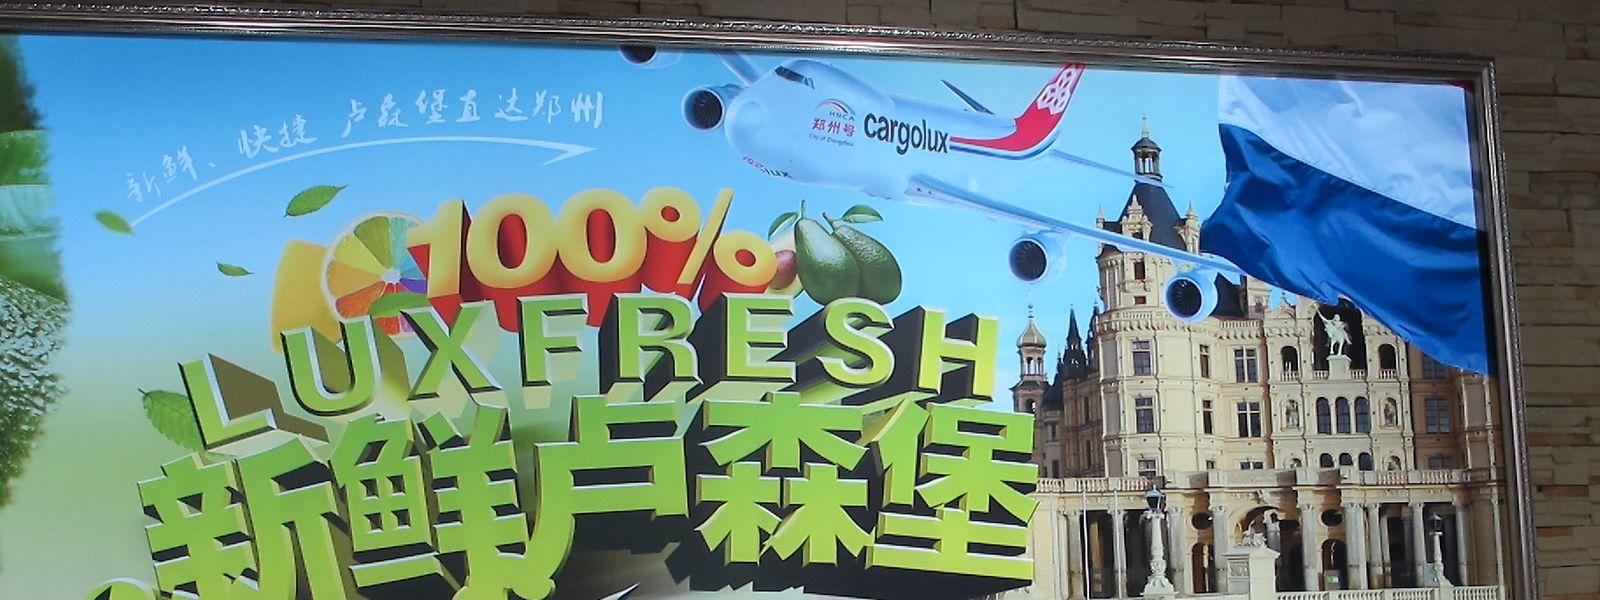 """Cargolux war im Januar 2015 Co-Founder des Joint Venture """"Luxfresh"""", das bezweckt, frische und hochwertige Produkte aus Europa auf einer Plattform für elektronischen Handel in Zhengzhou zu verkaufen."""